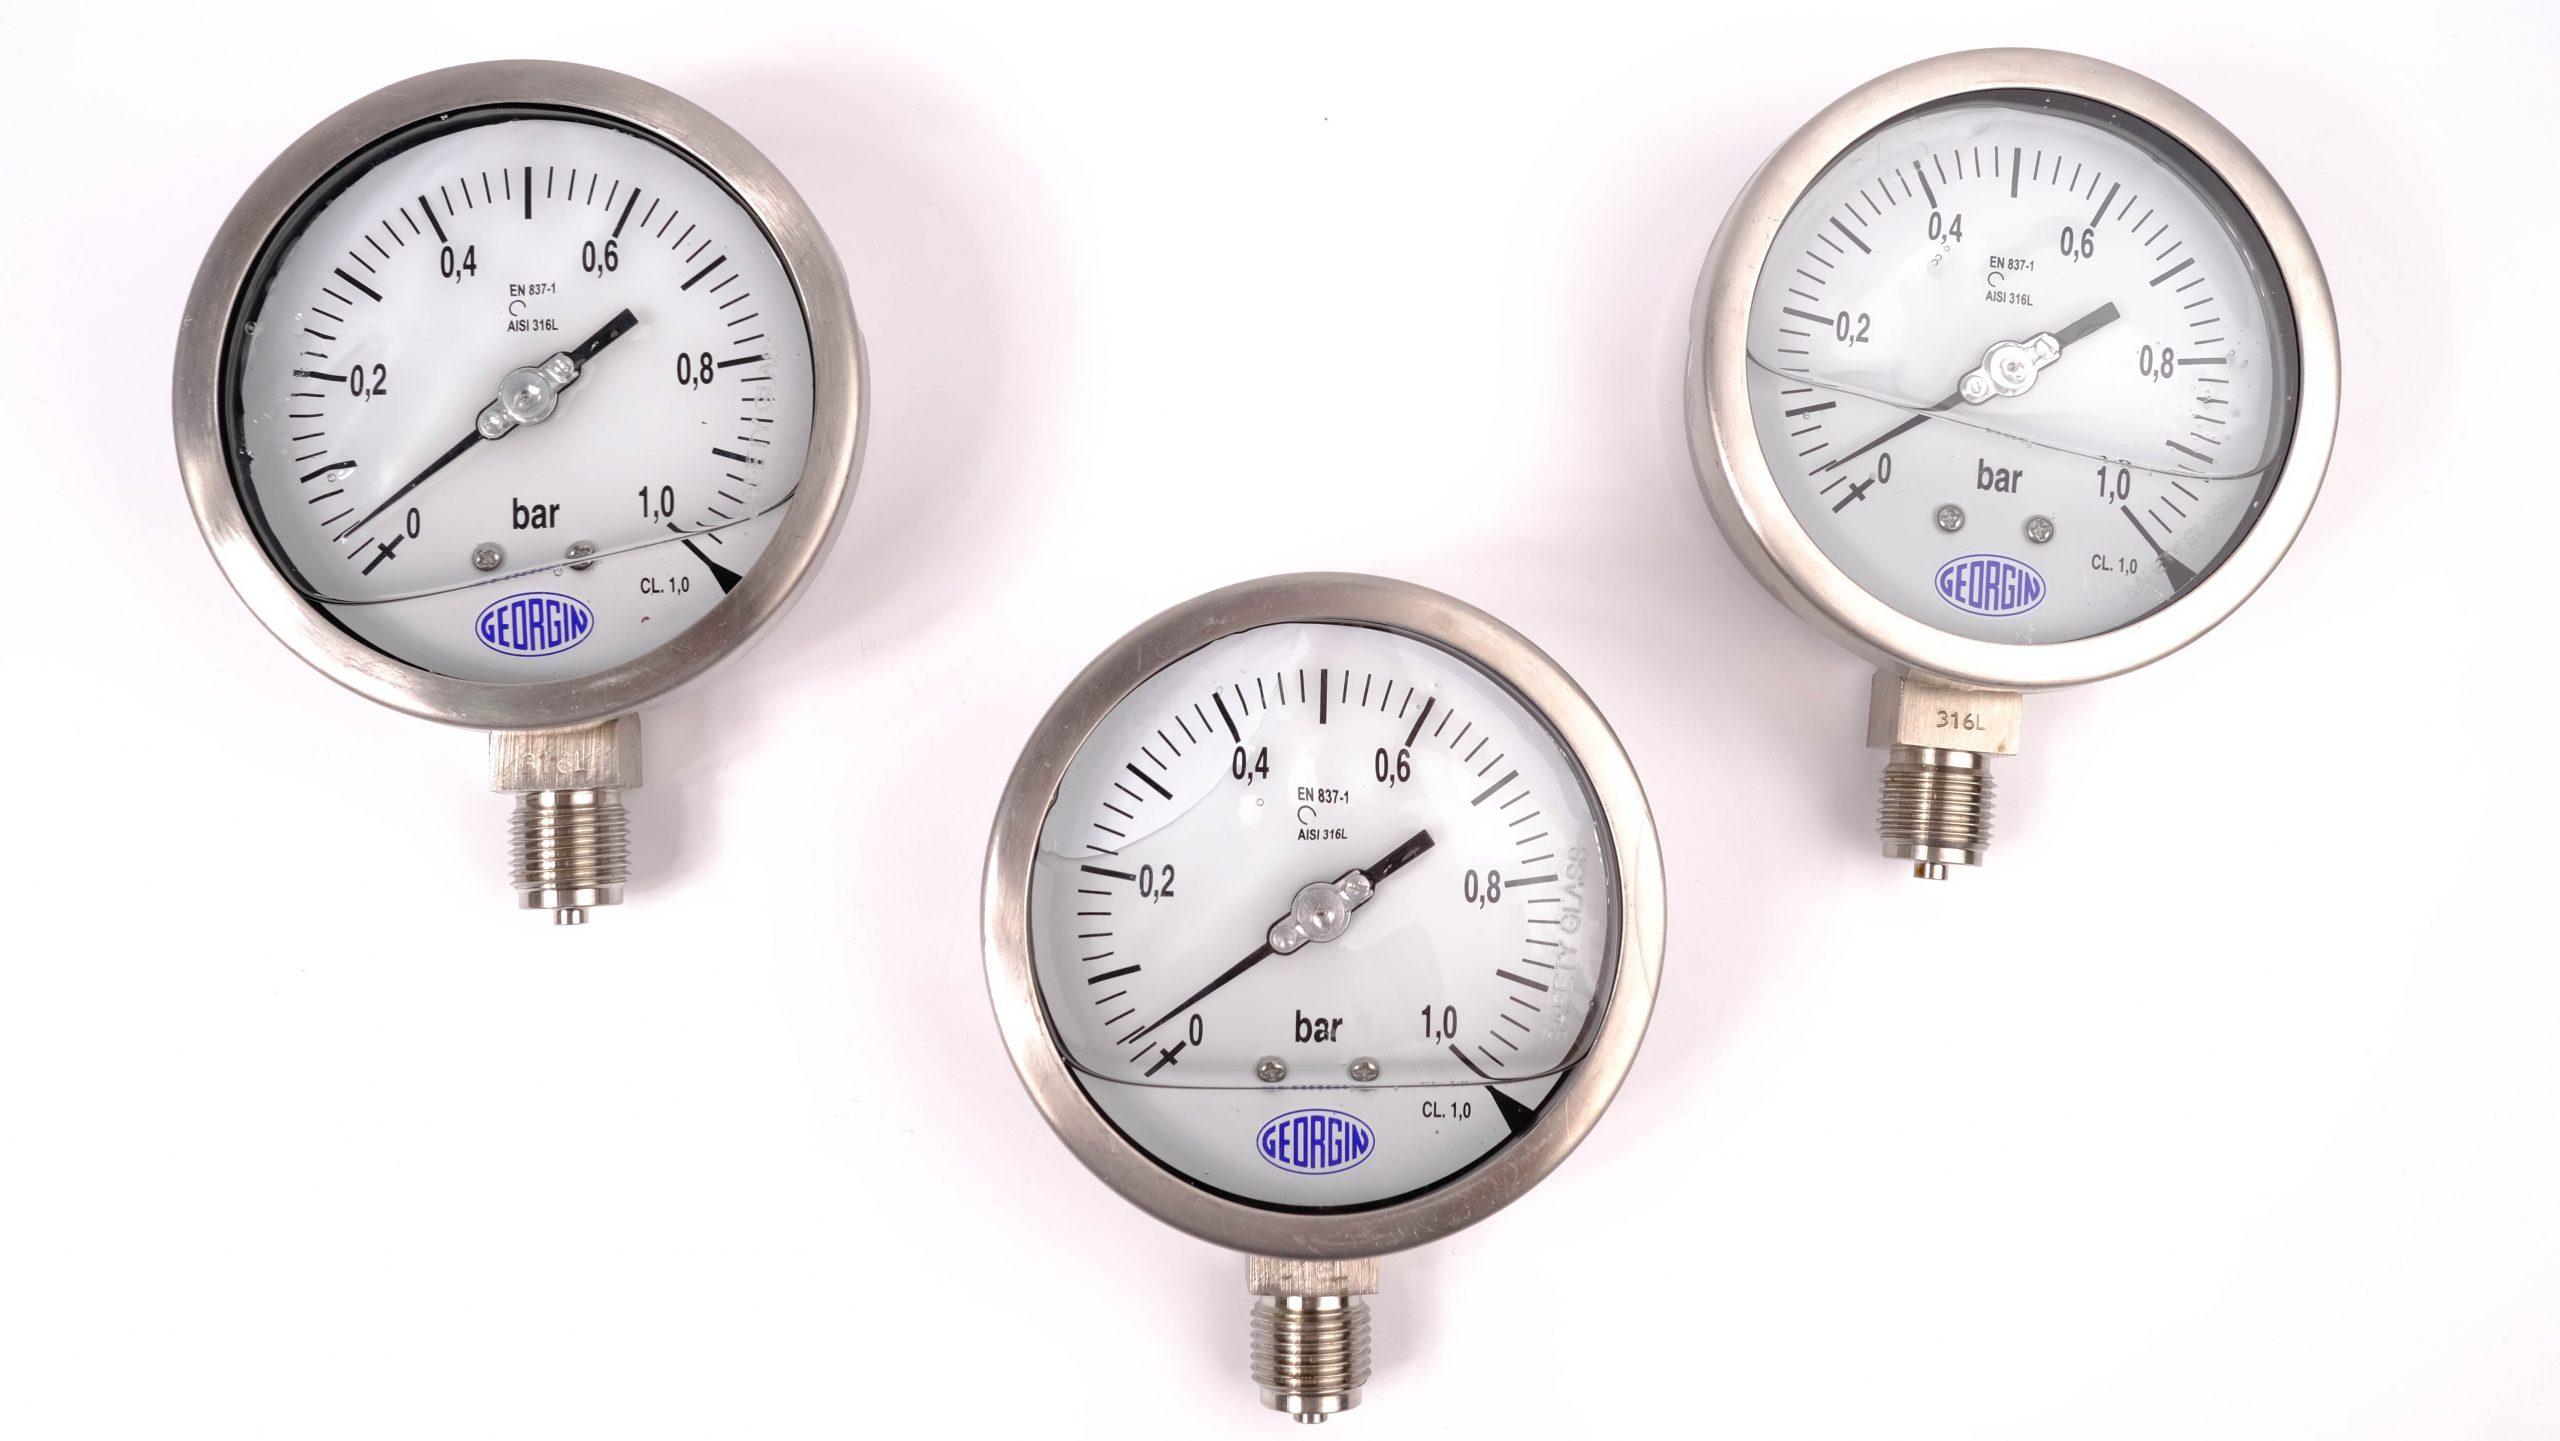 Ưu và nhược điểm của các phương pháp đo áp suất